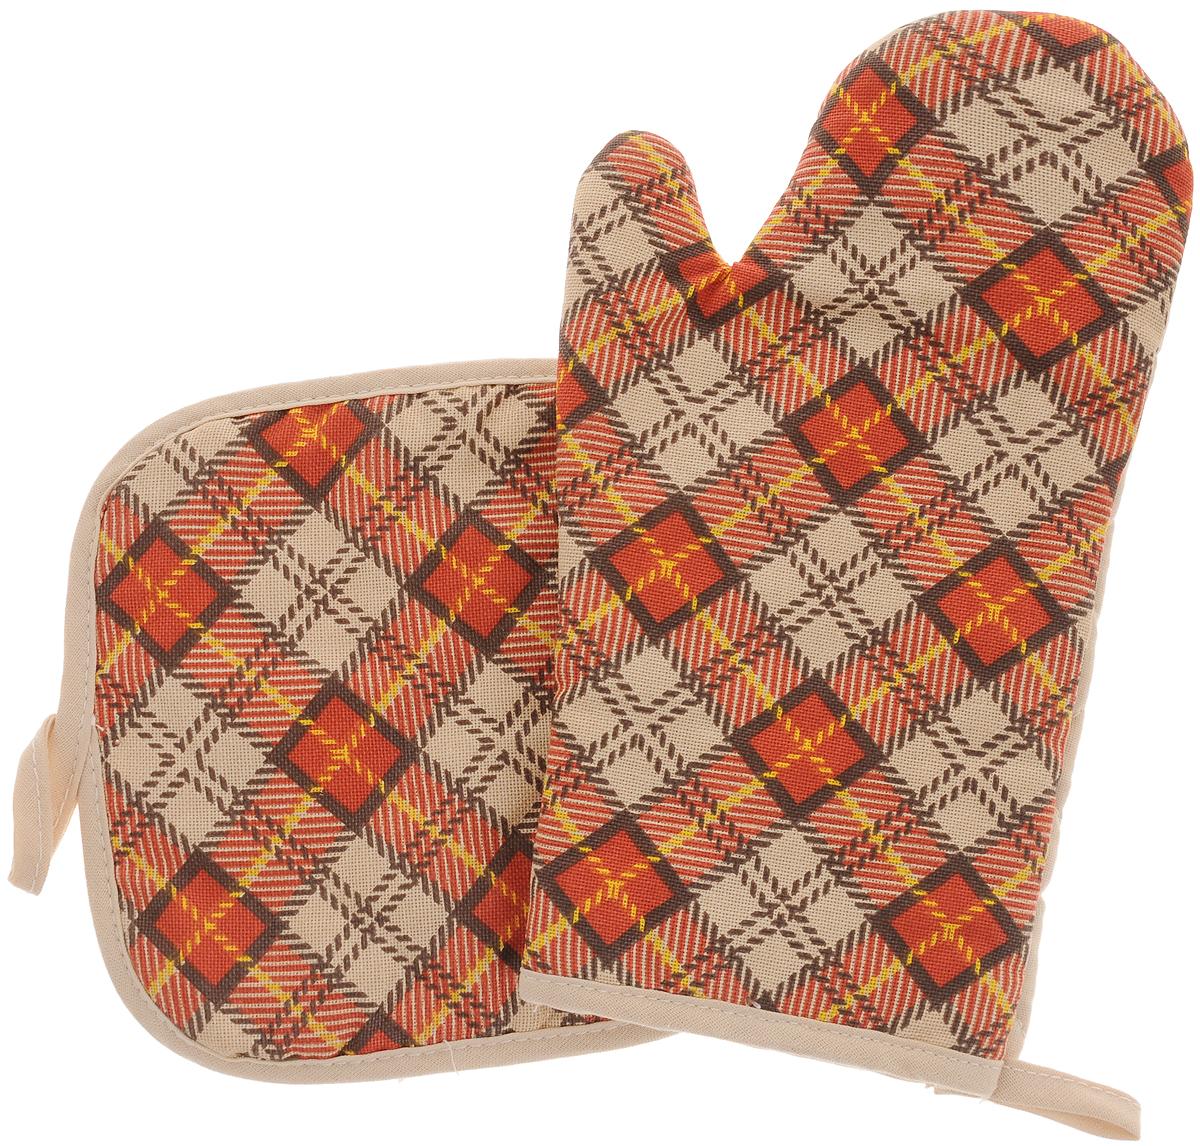 Набор прихваток Bonita Принц Уэльский, 2 предмета11010816470Набор Bonita Принц Уэльский состоит из прихватки- рукавицы и квадратной прихватки. Изделия выполнены из натурального хлопка и декорированы оригинальным рисунком. Прихватки простеганы, а края окантованы. Оснащены специальными петельками, за которые их можно подвесить на крючок в любом удобном для вас месте. Такой набор красиво дополнит интерьер кухни. Размер прихватки-рукавицы: 16 х 28 см. Размер прихватки: 17 х 17 см.